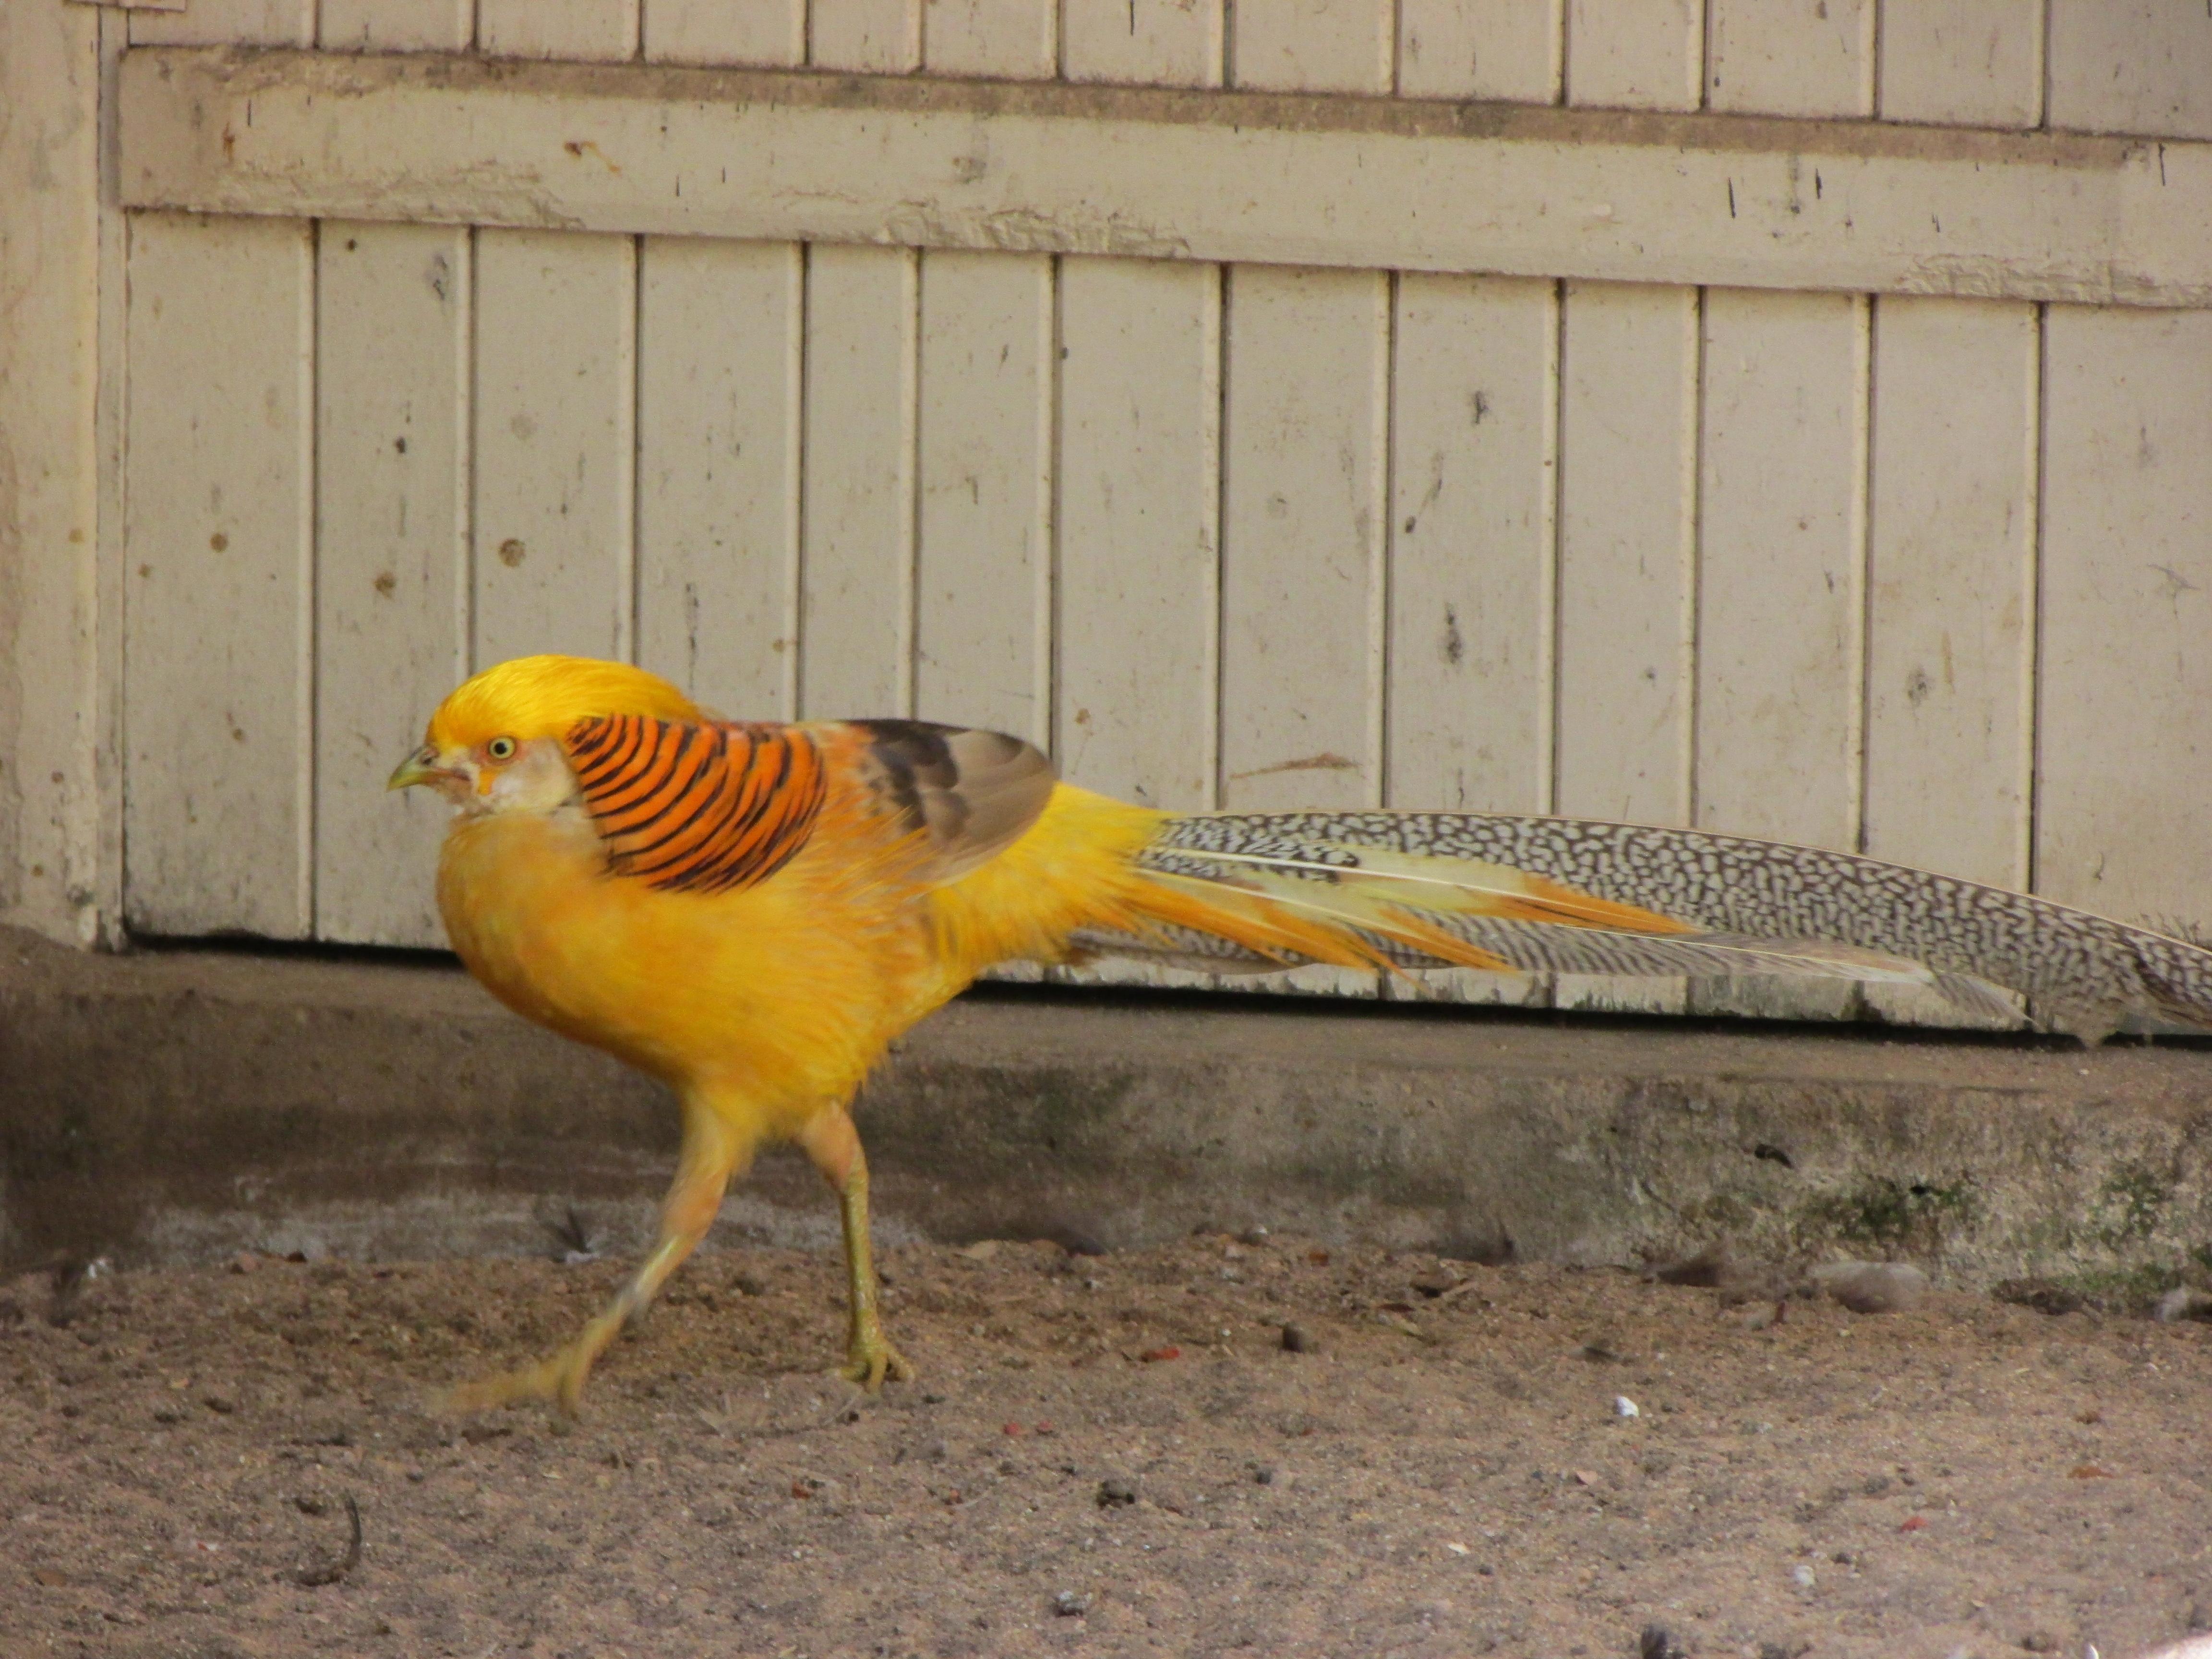 Zooparque de Itatiba: O paraíso das aves (e dos mamíferos, répteis, anfíbios...)